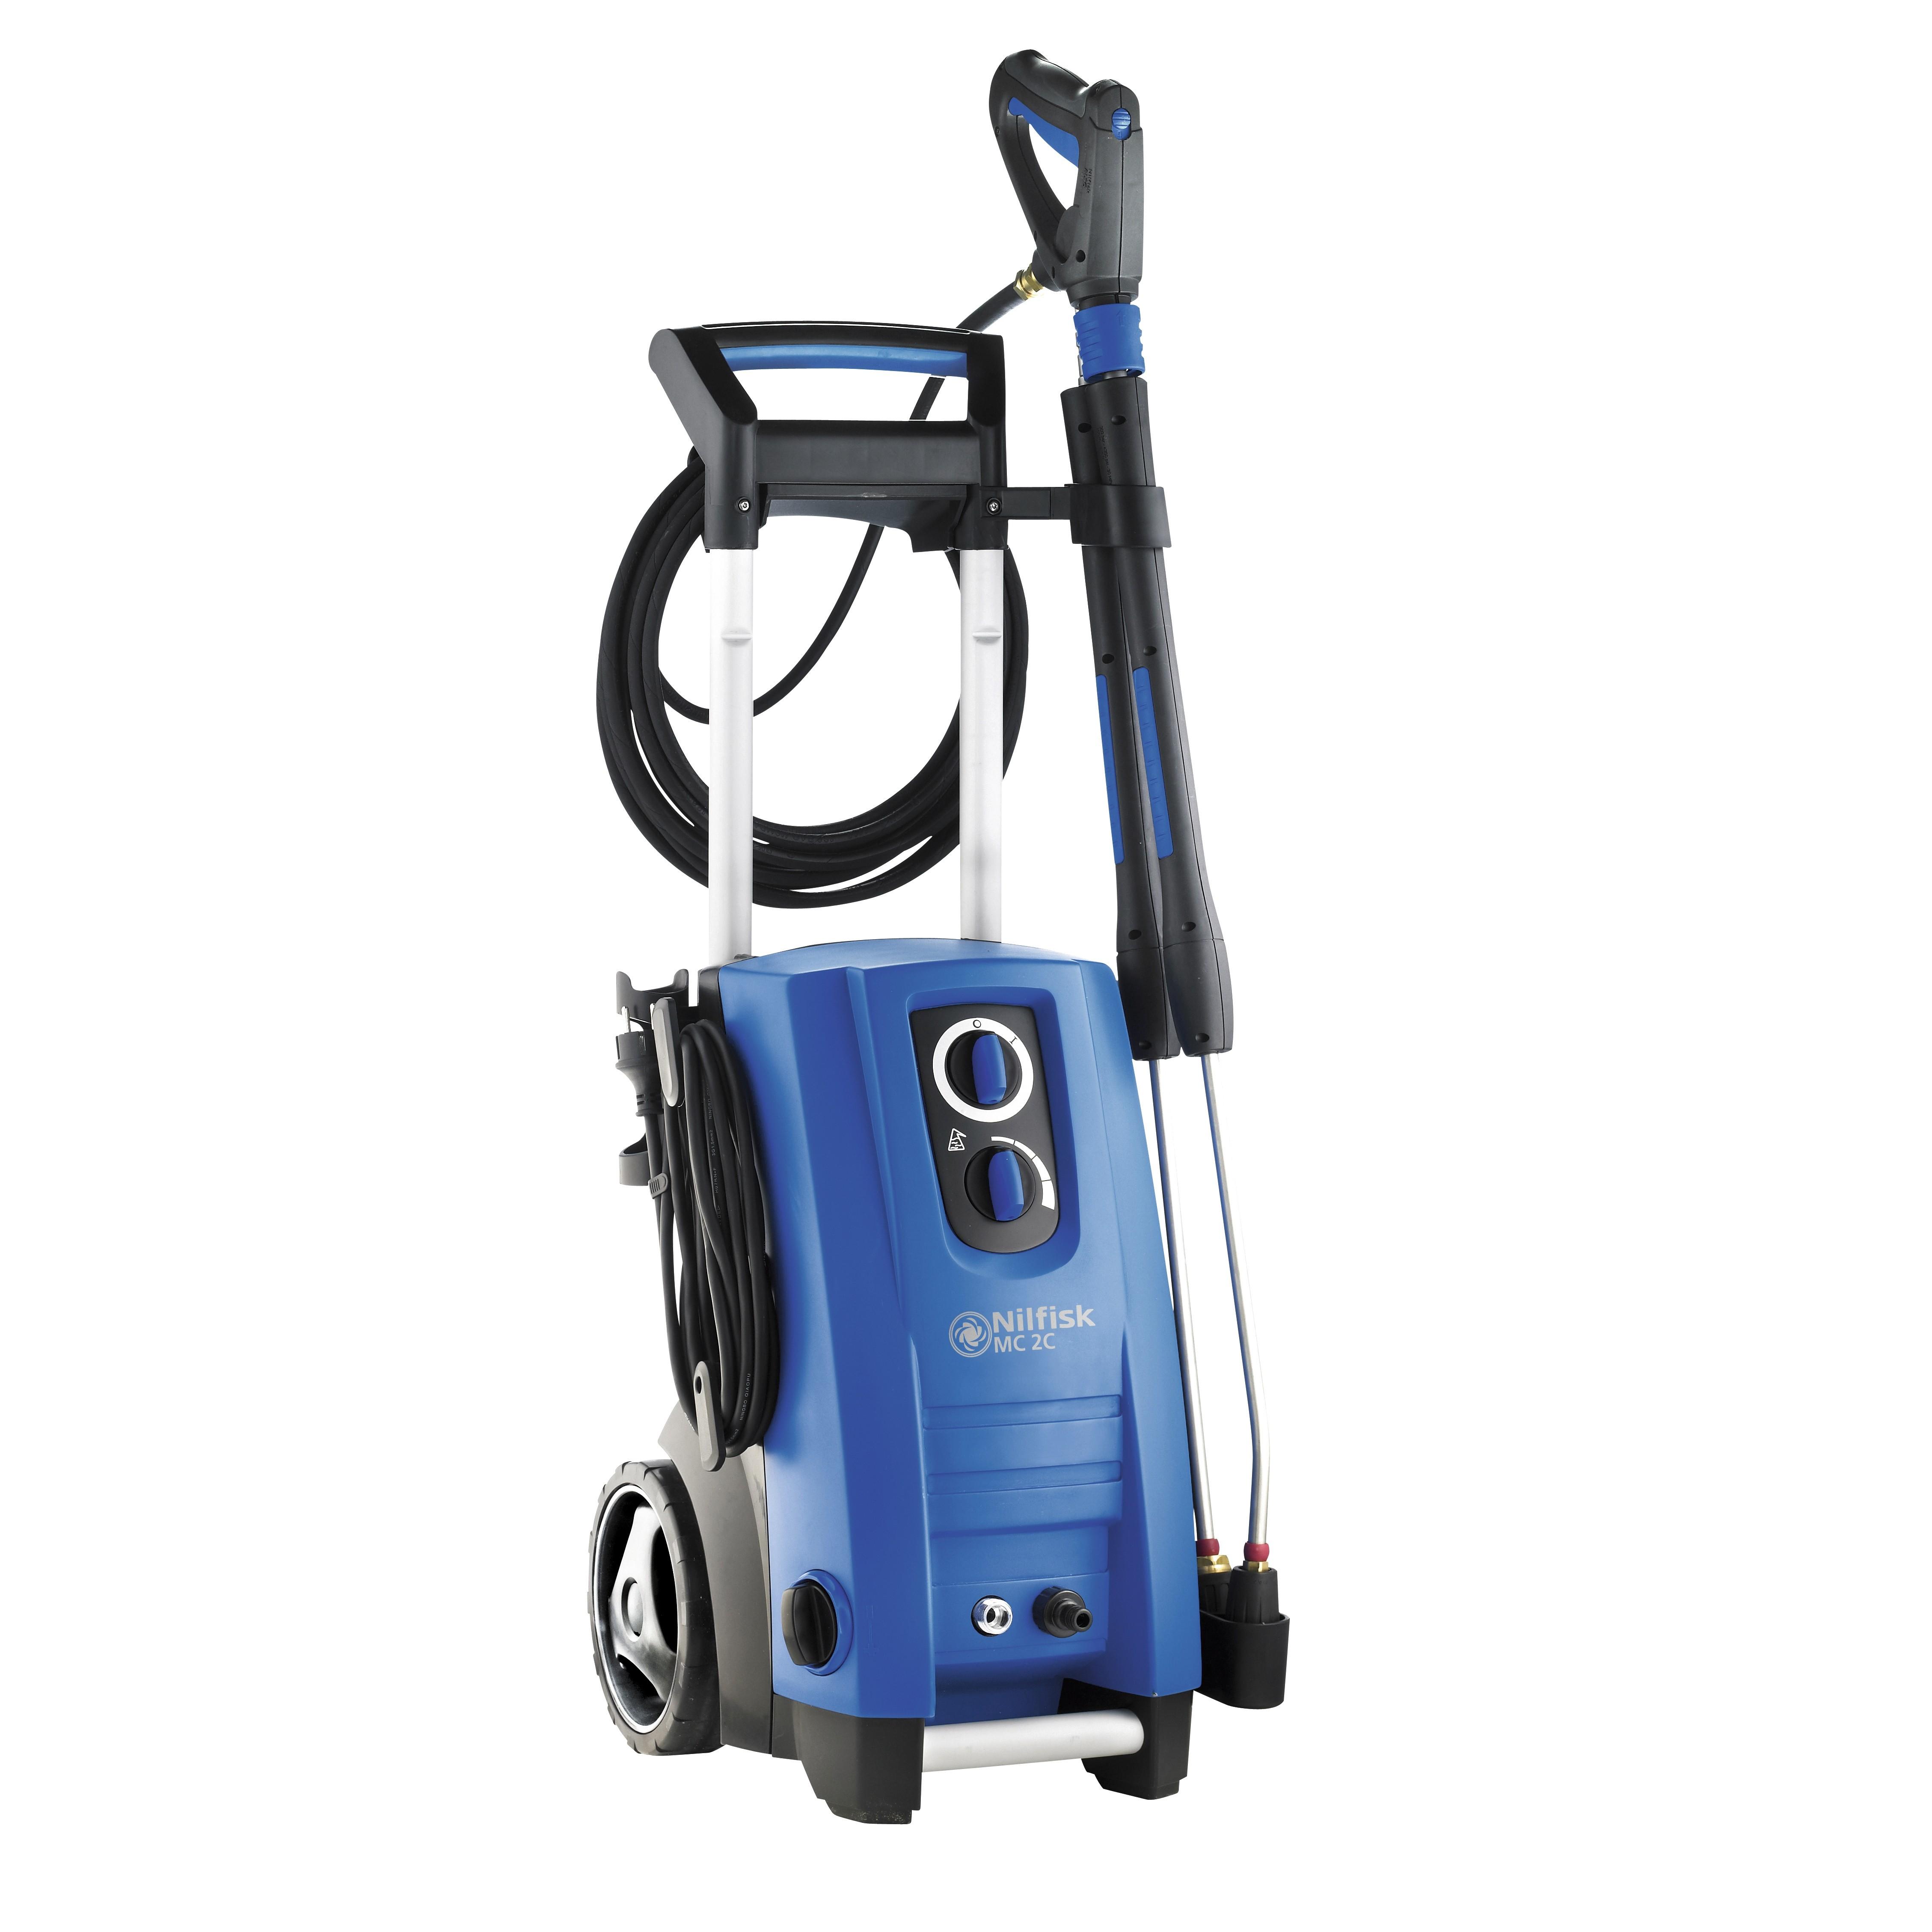 Nilfisk Alto Mc 2c 120 520 T Cold Pressure Washer Hugh